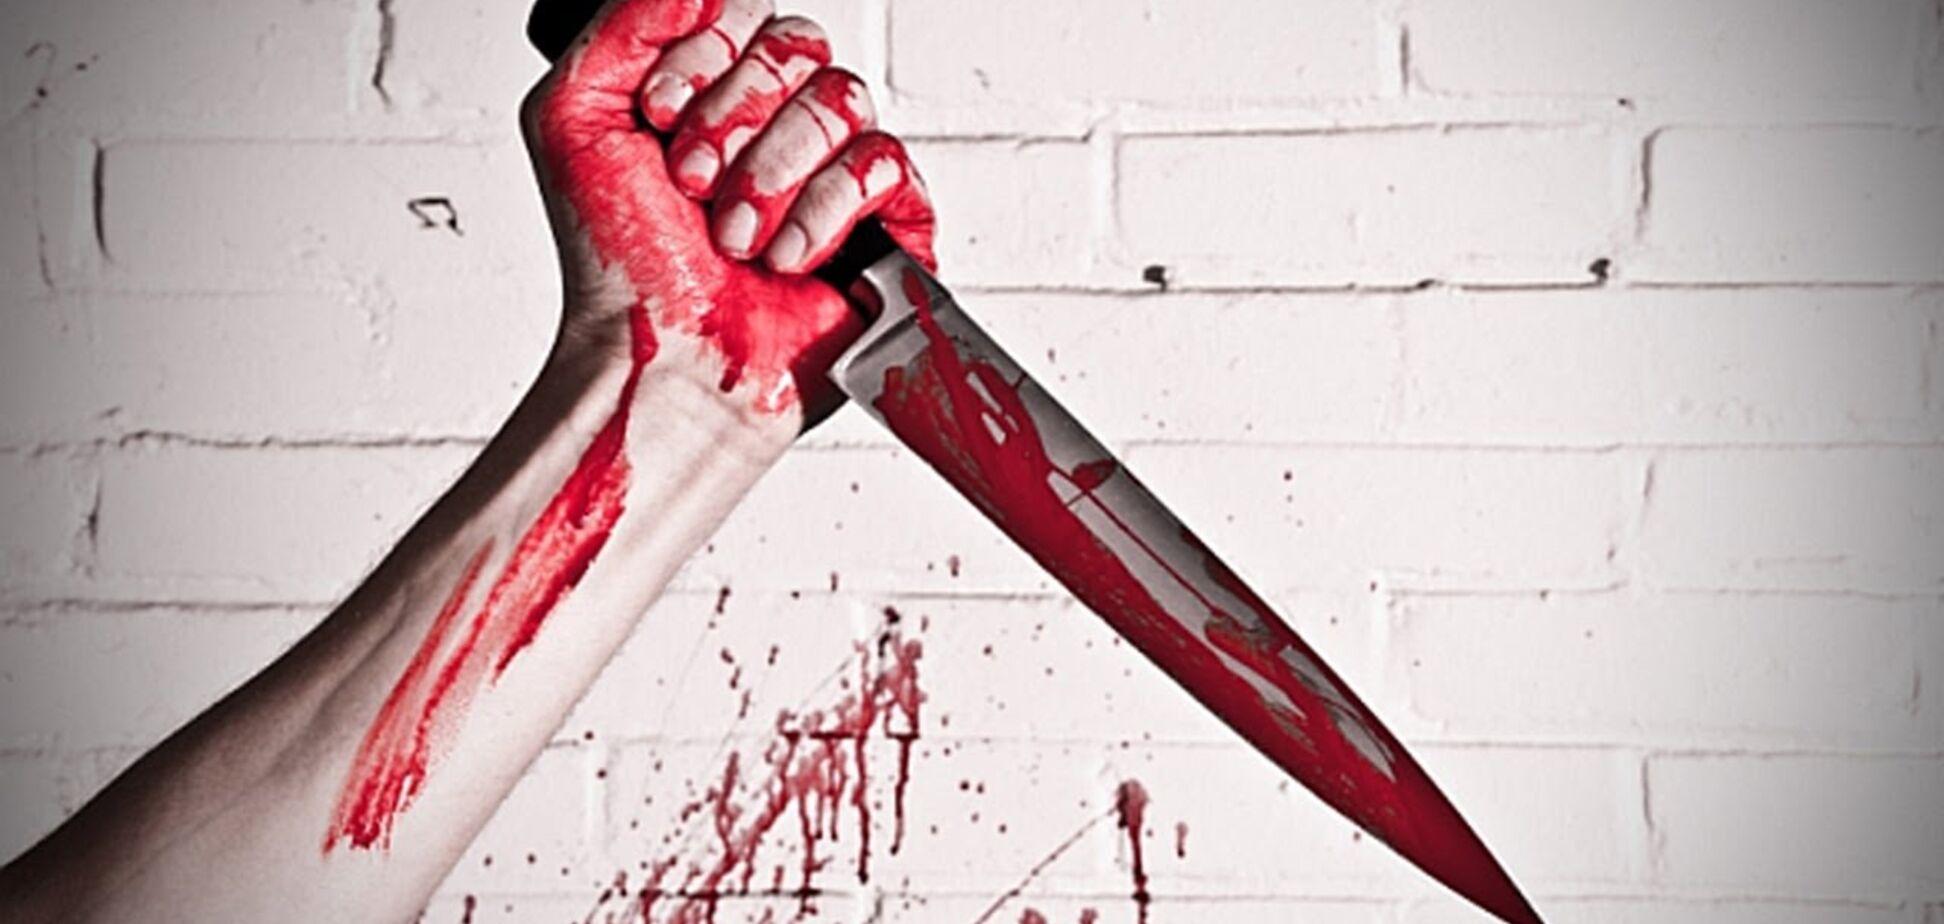 У Запоріжжі затримали чоловіка, який кидався на патрульних із ножем